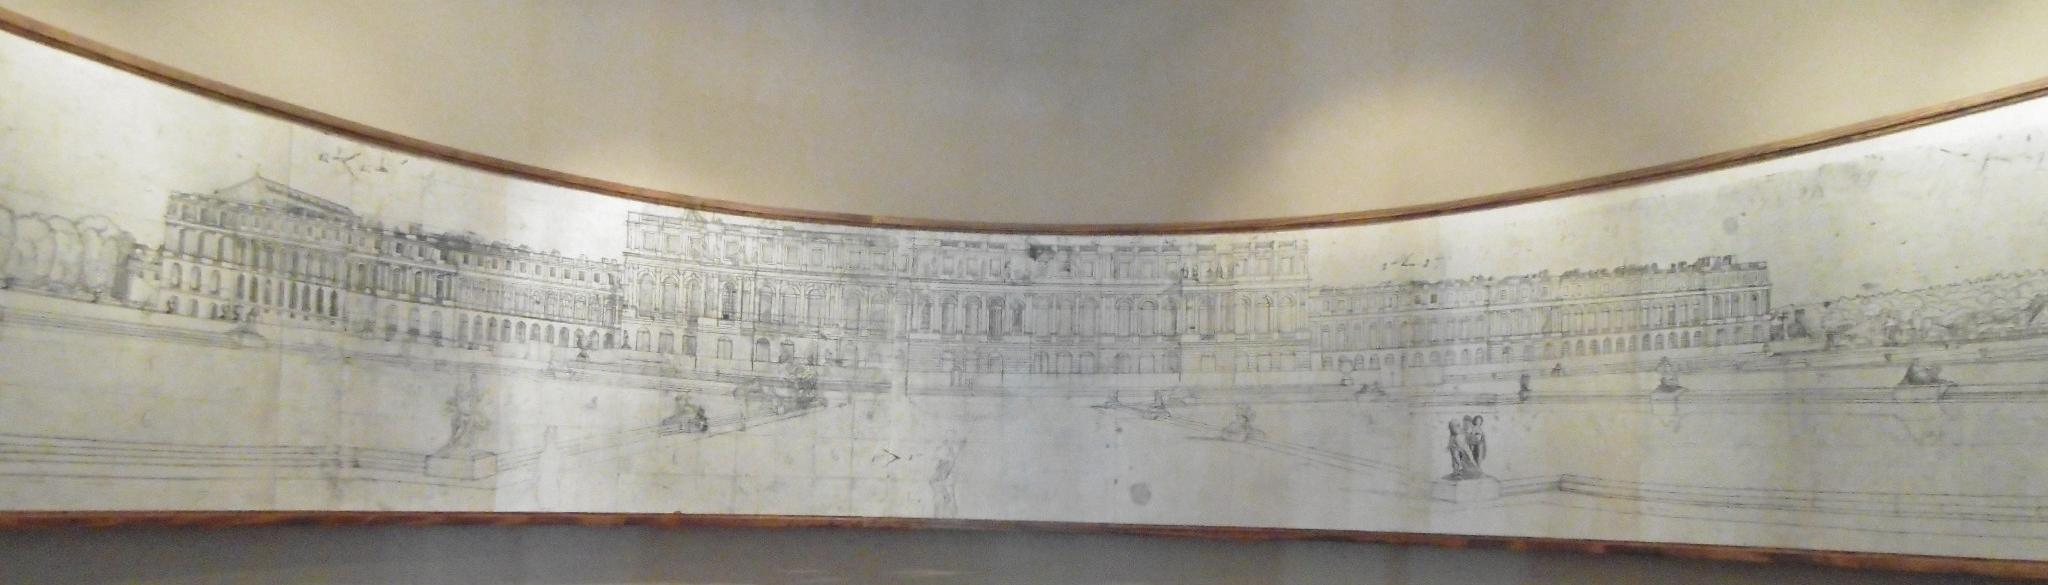 panoramaillust